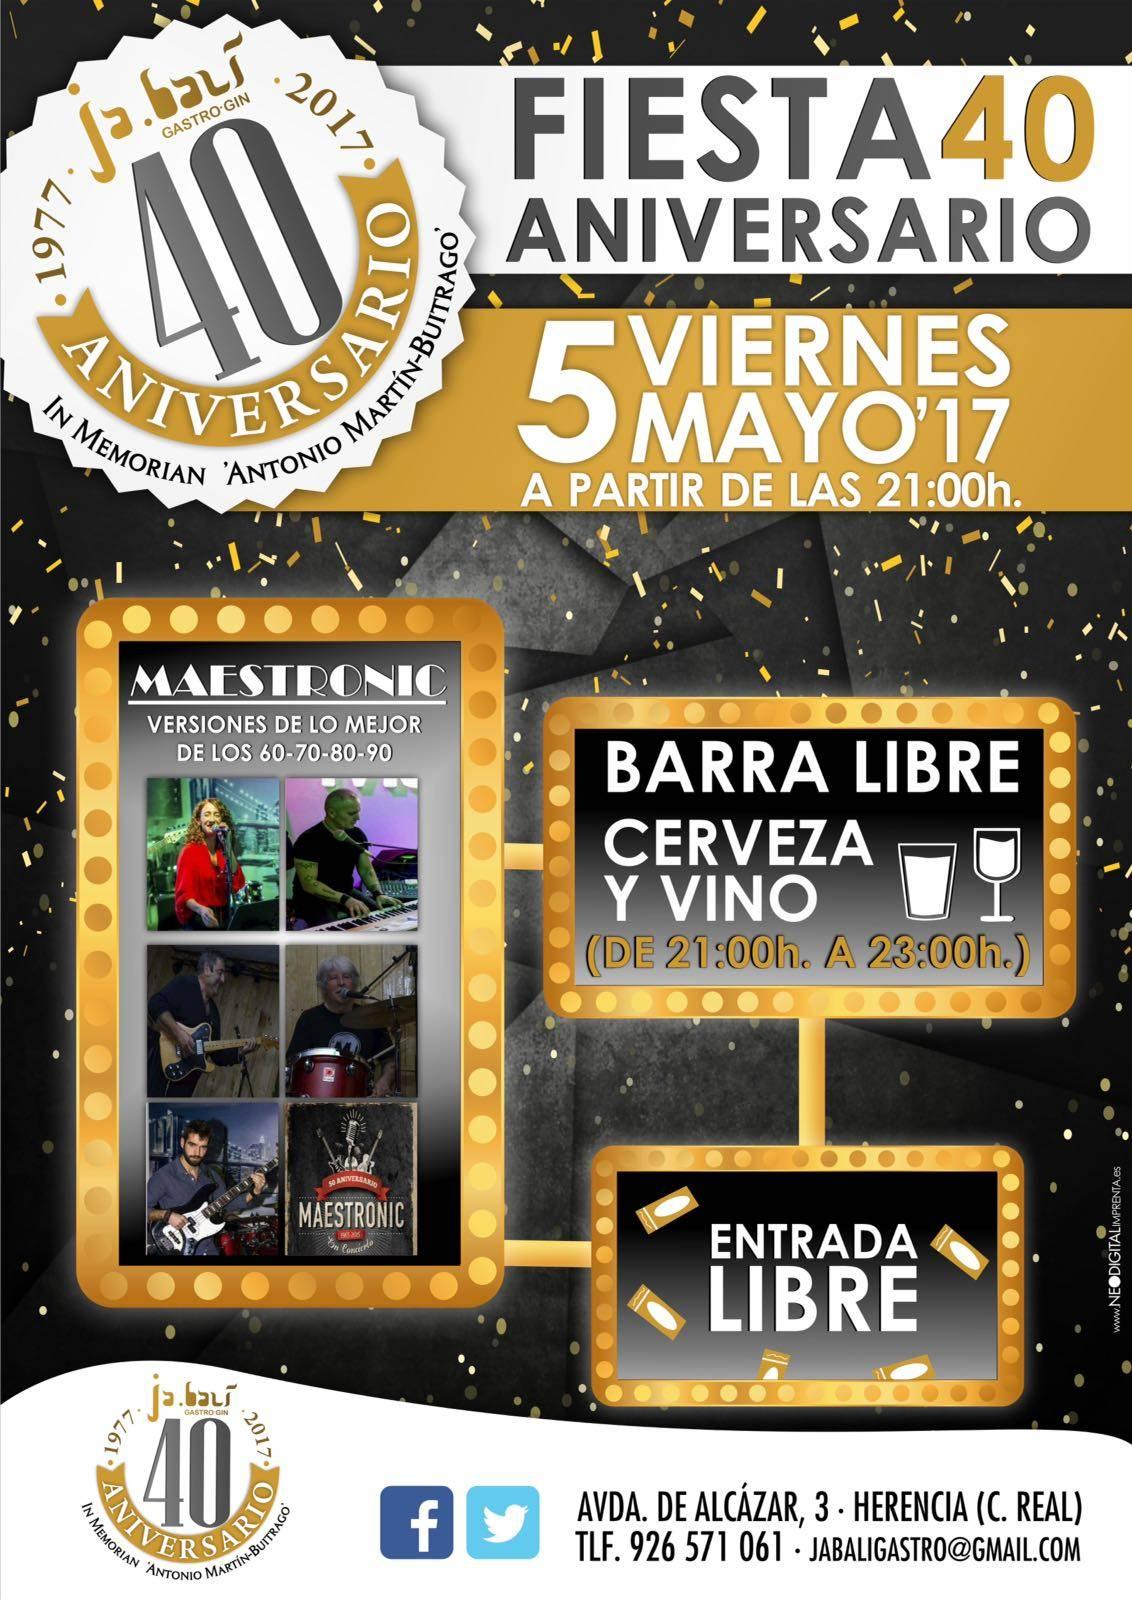 fiesta 40 aniversario jabali gastro gin - Almuerzo solidario las 4 décadas en Herencia